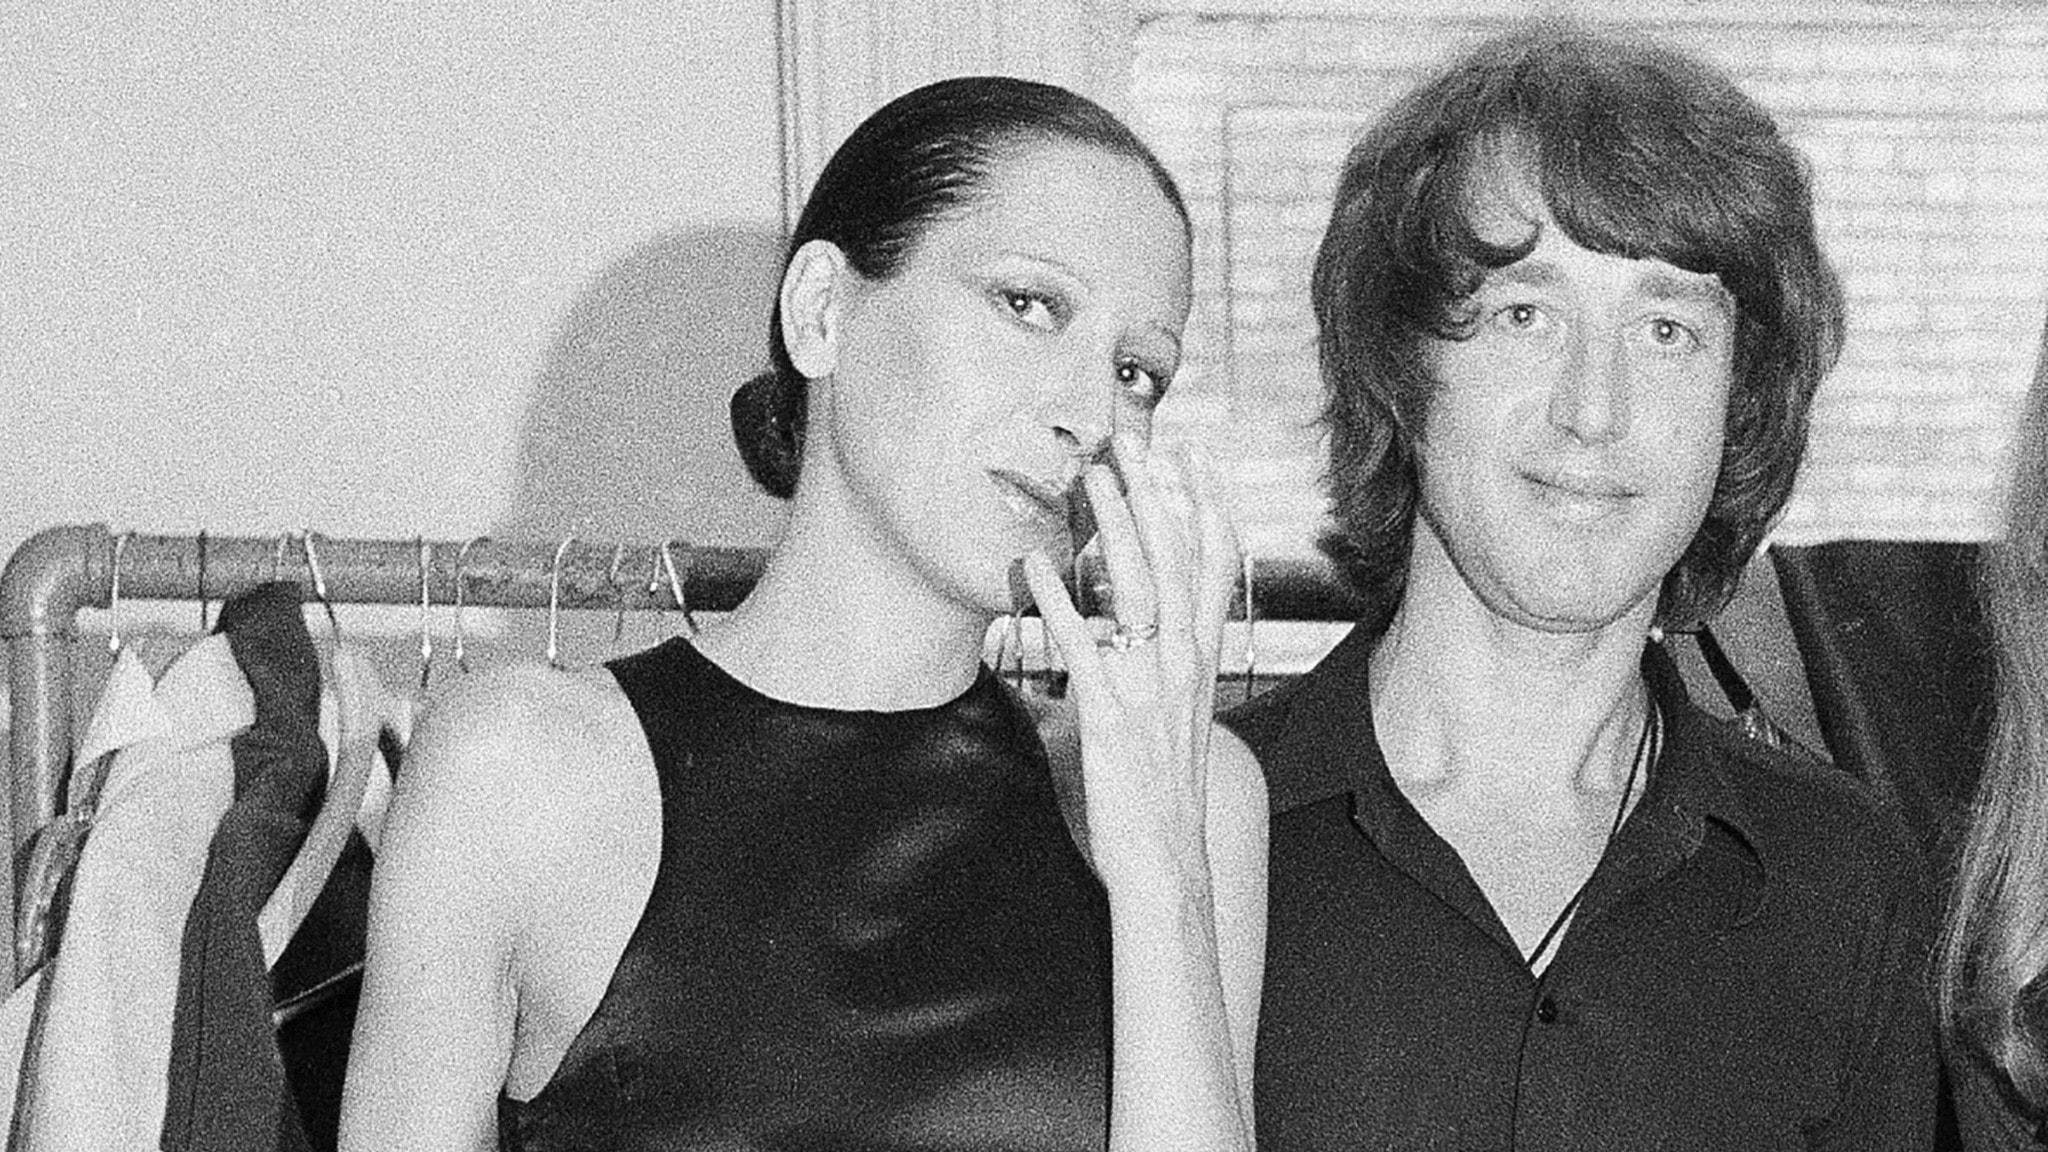 Elsa Peretti fotograferad efter en modevisning 1970, bredvid henne står hennes bästa vän modeskaparen Halston